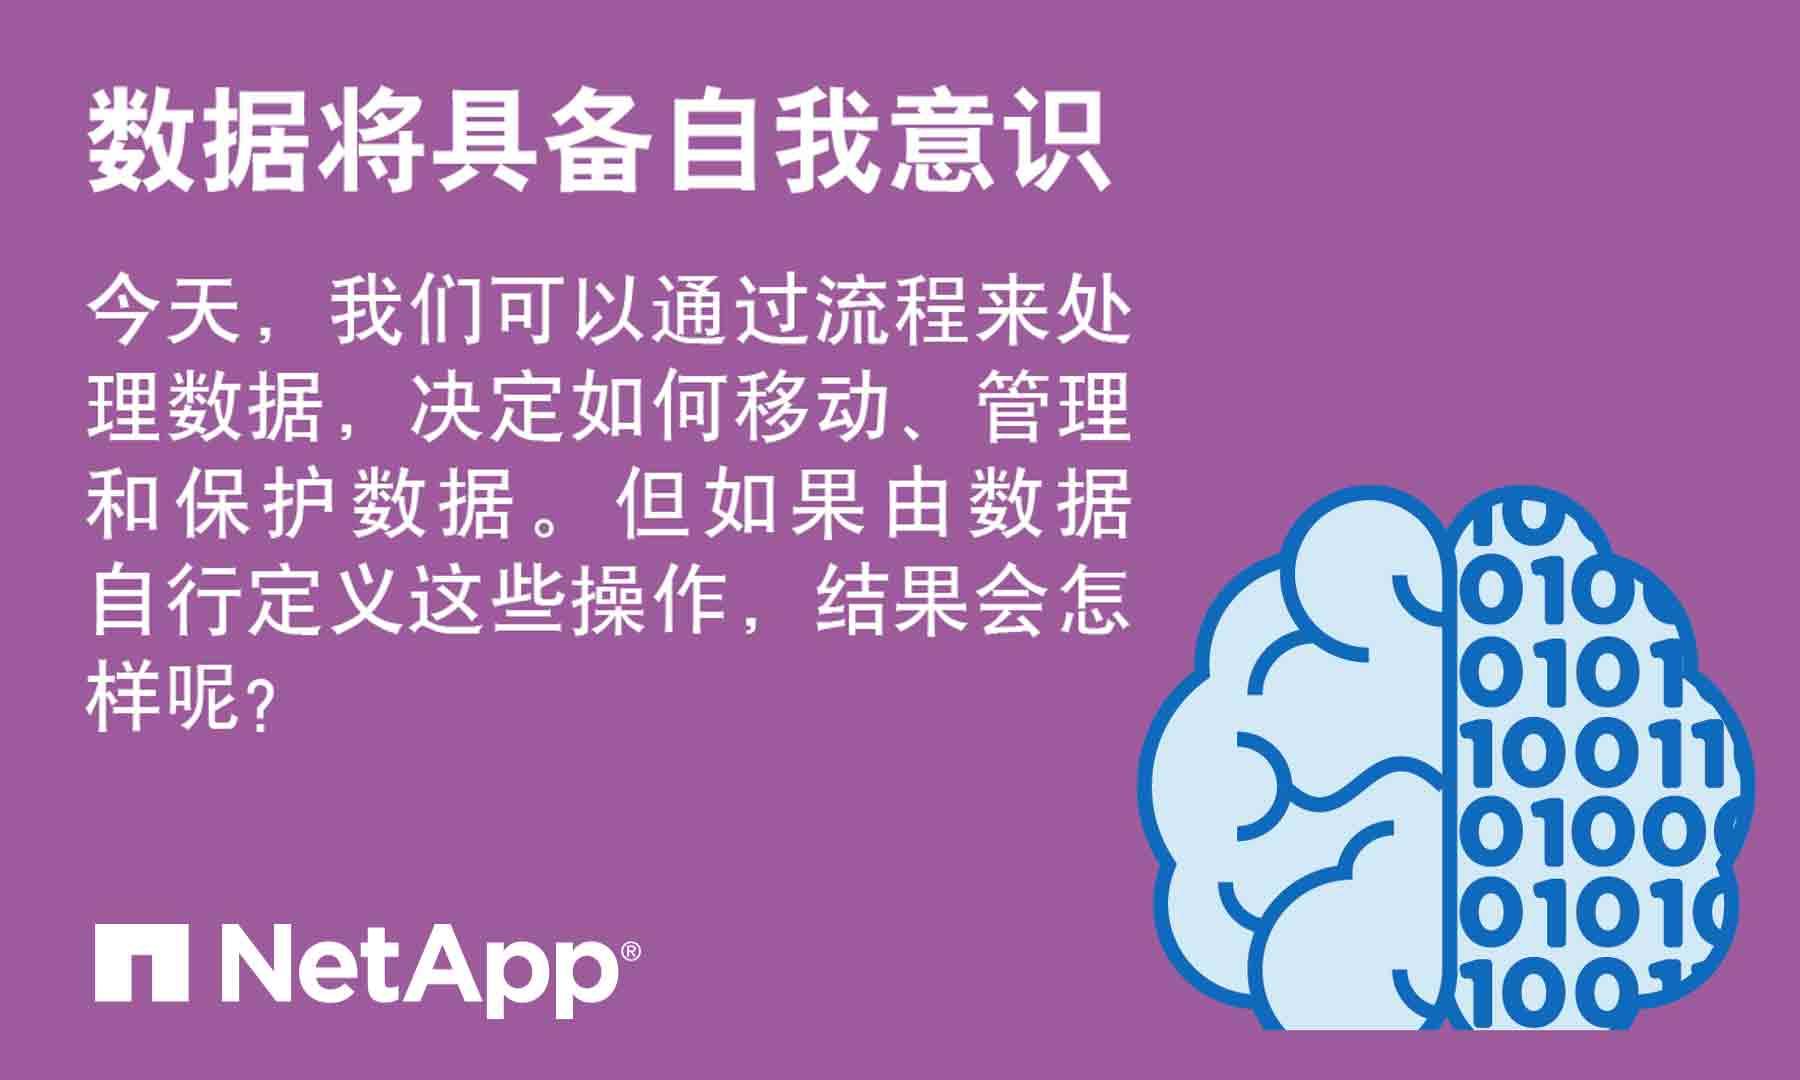 数据将具备自我意识――2018 NetApp首席技术官五大趋势预测